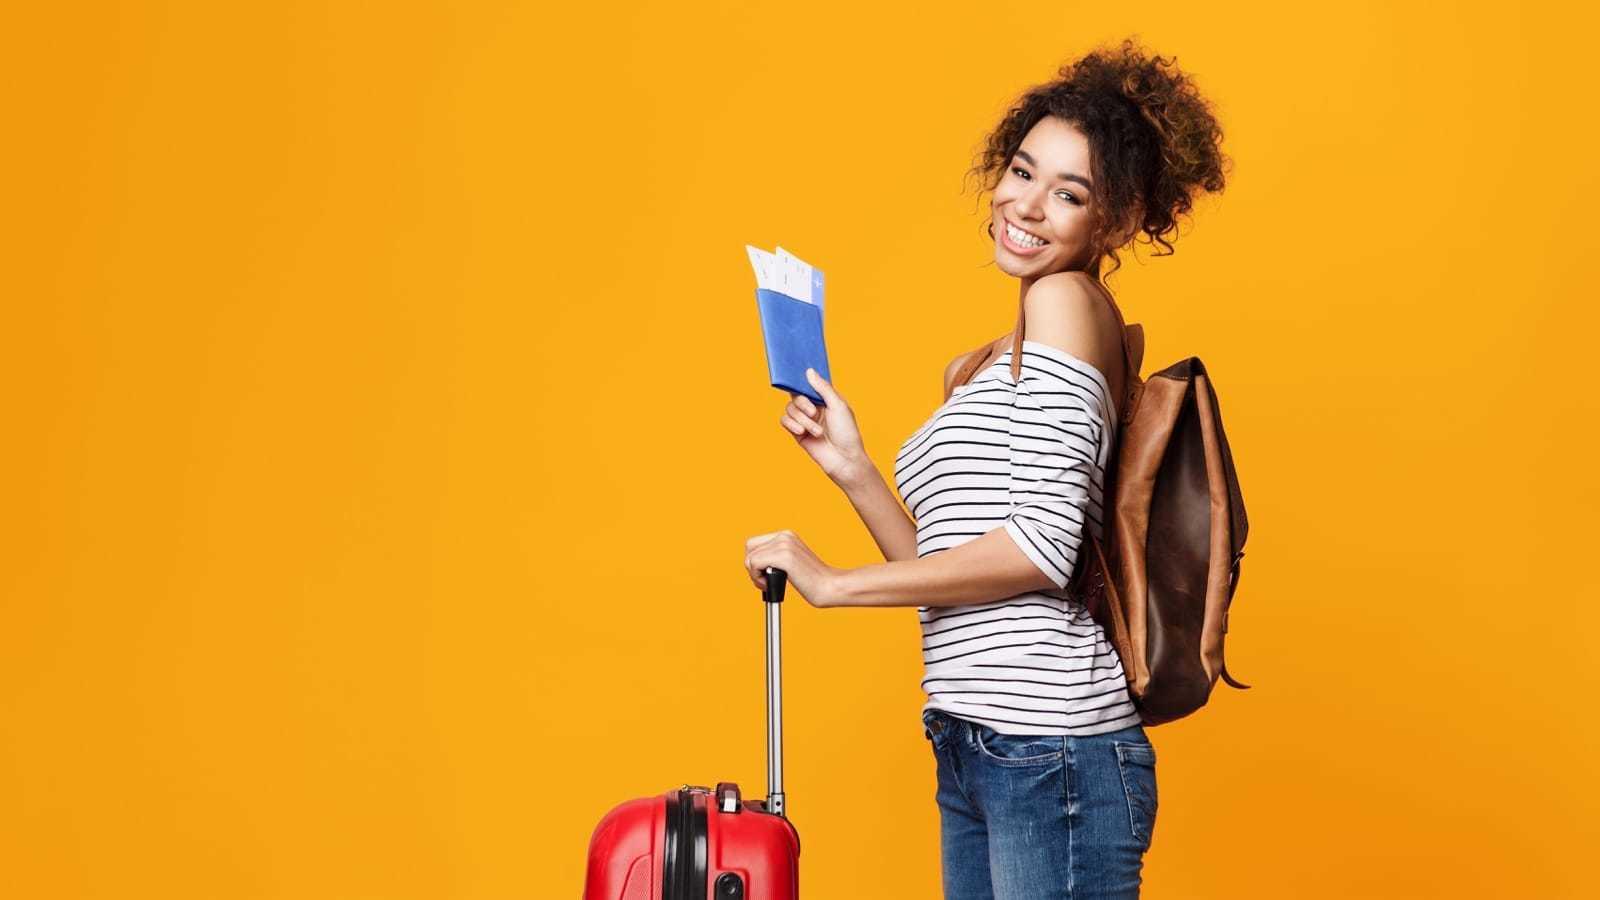 スーツケースを持つ女性観光客